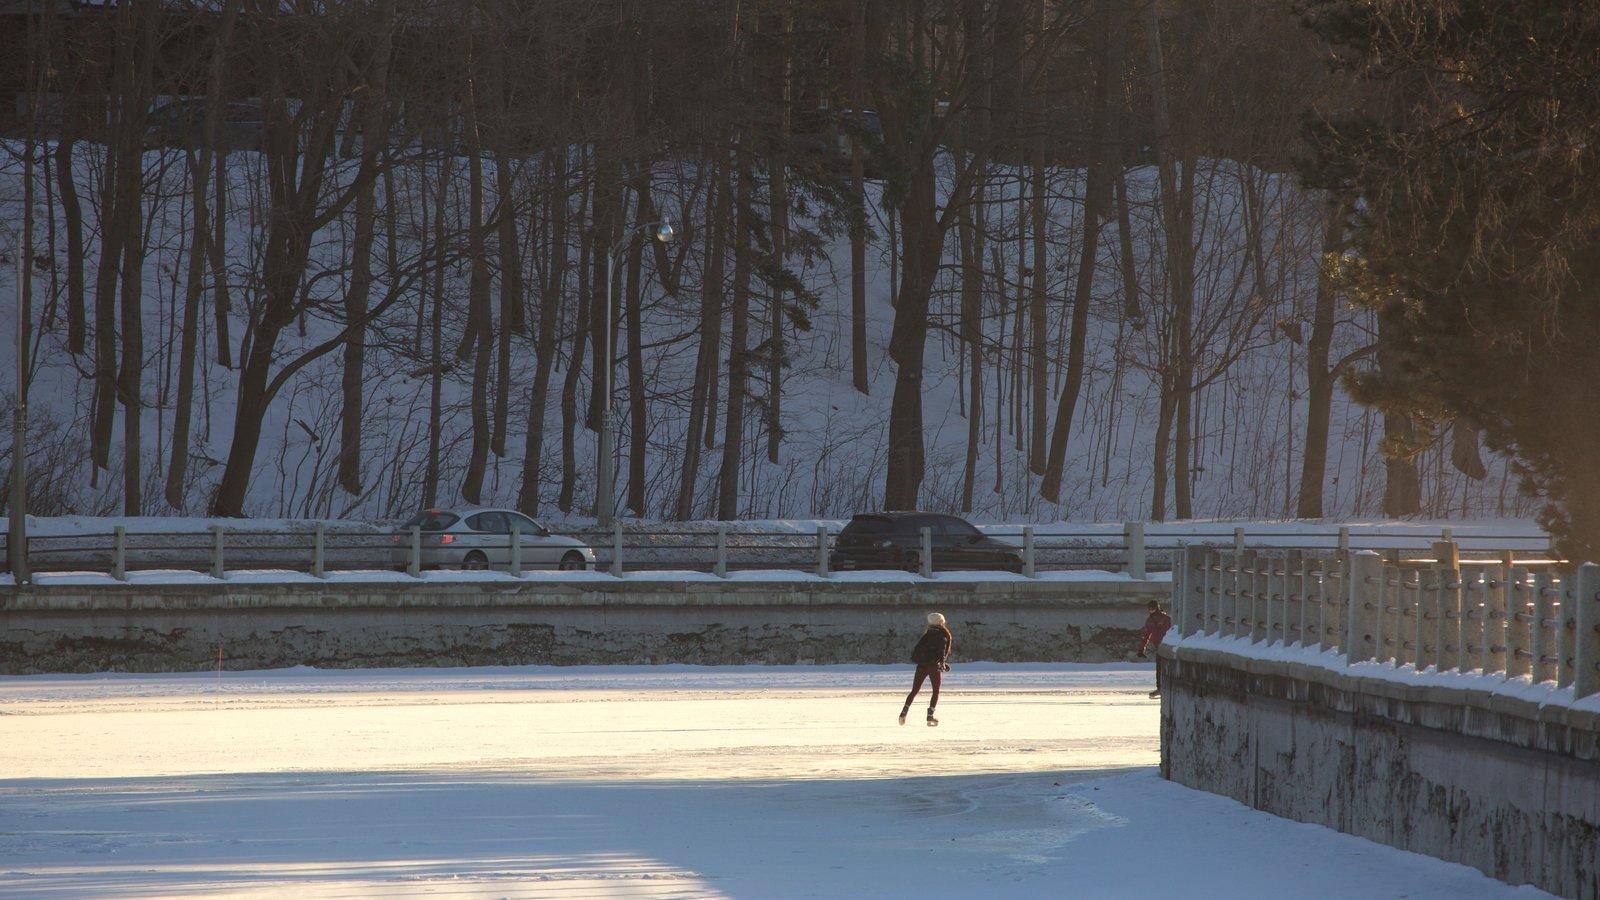 Rideau Canal caracterizando esqui na neve e neve assim como uma mulher sozinha